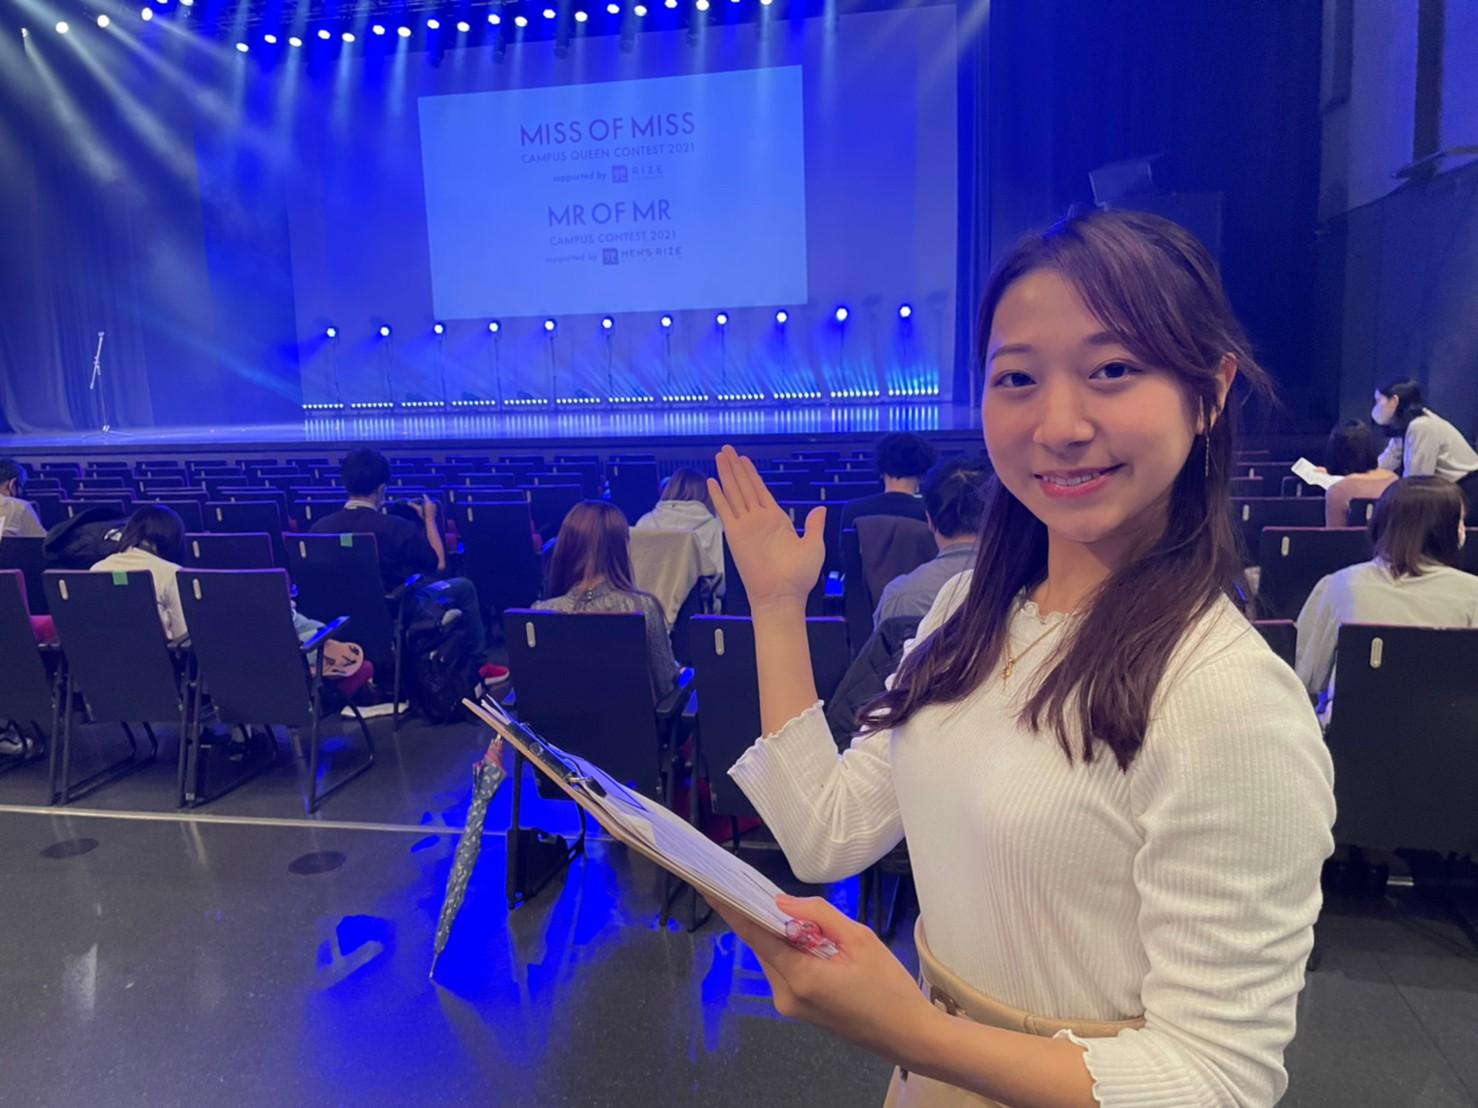 松本栞(上智大学)ACTRESS PRESS REPORTER